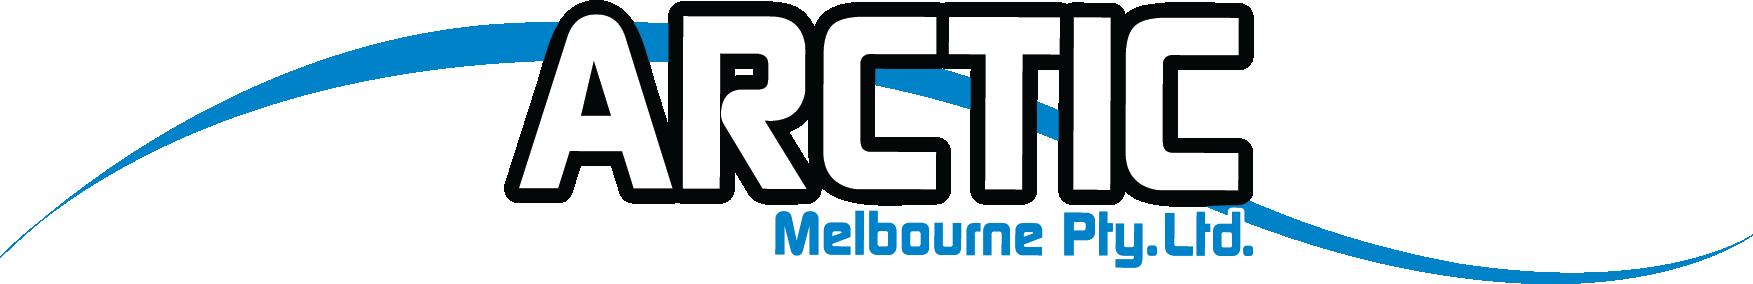 new-arctic-logo